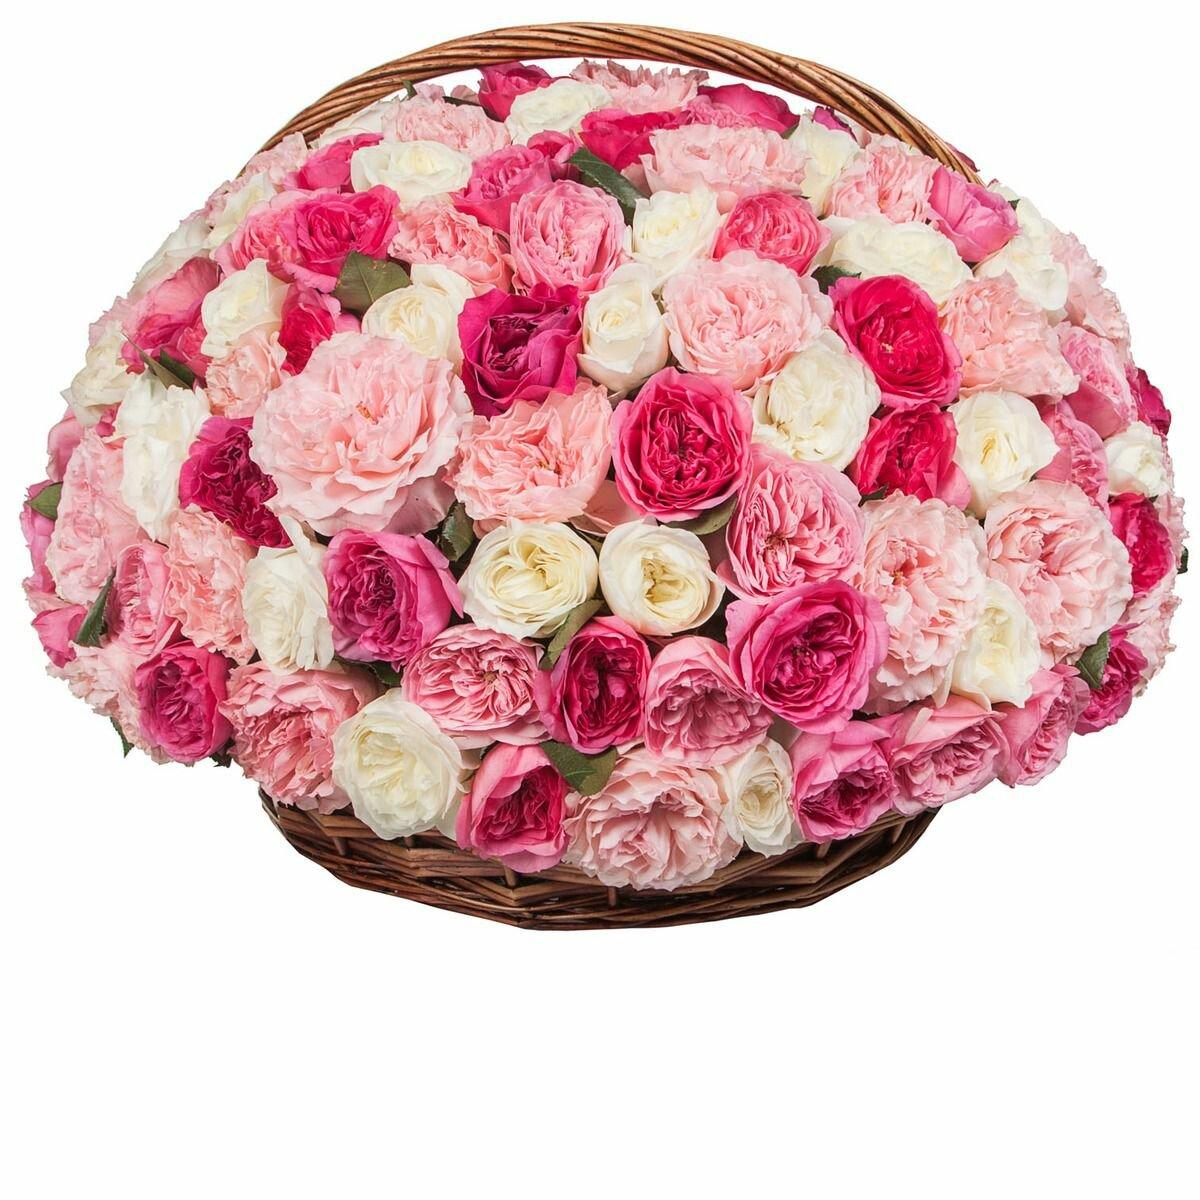 Москва заказ цветы, букеты фруктами